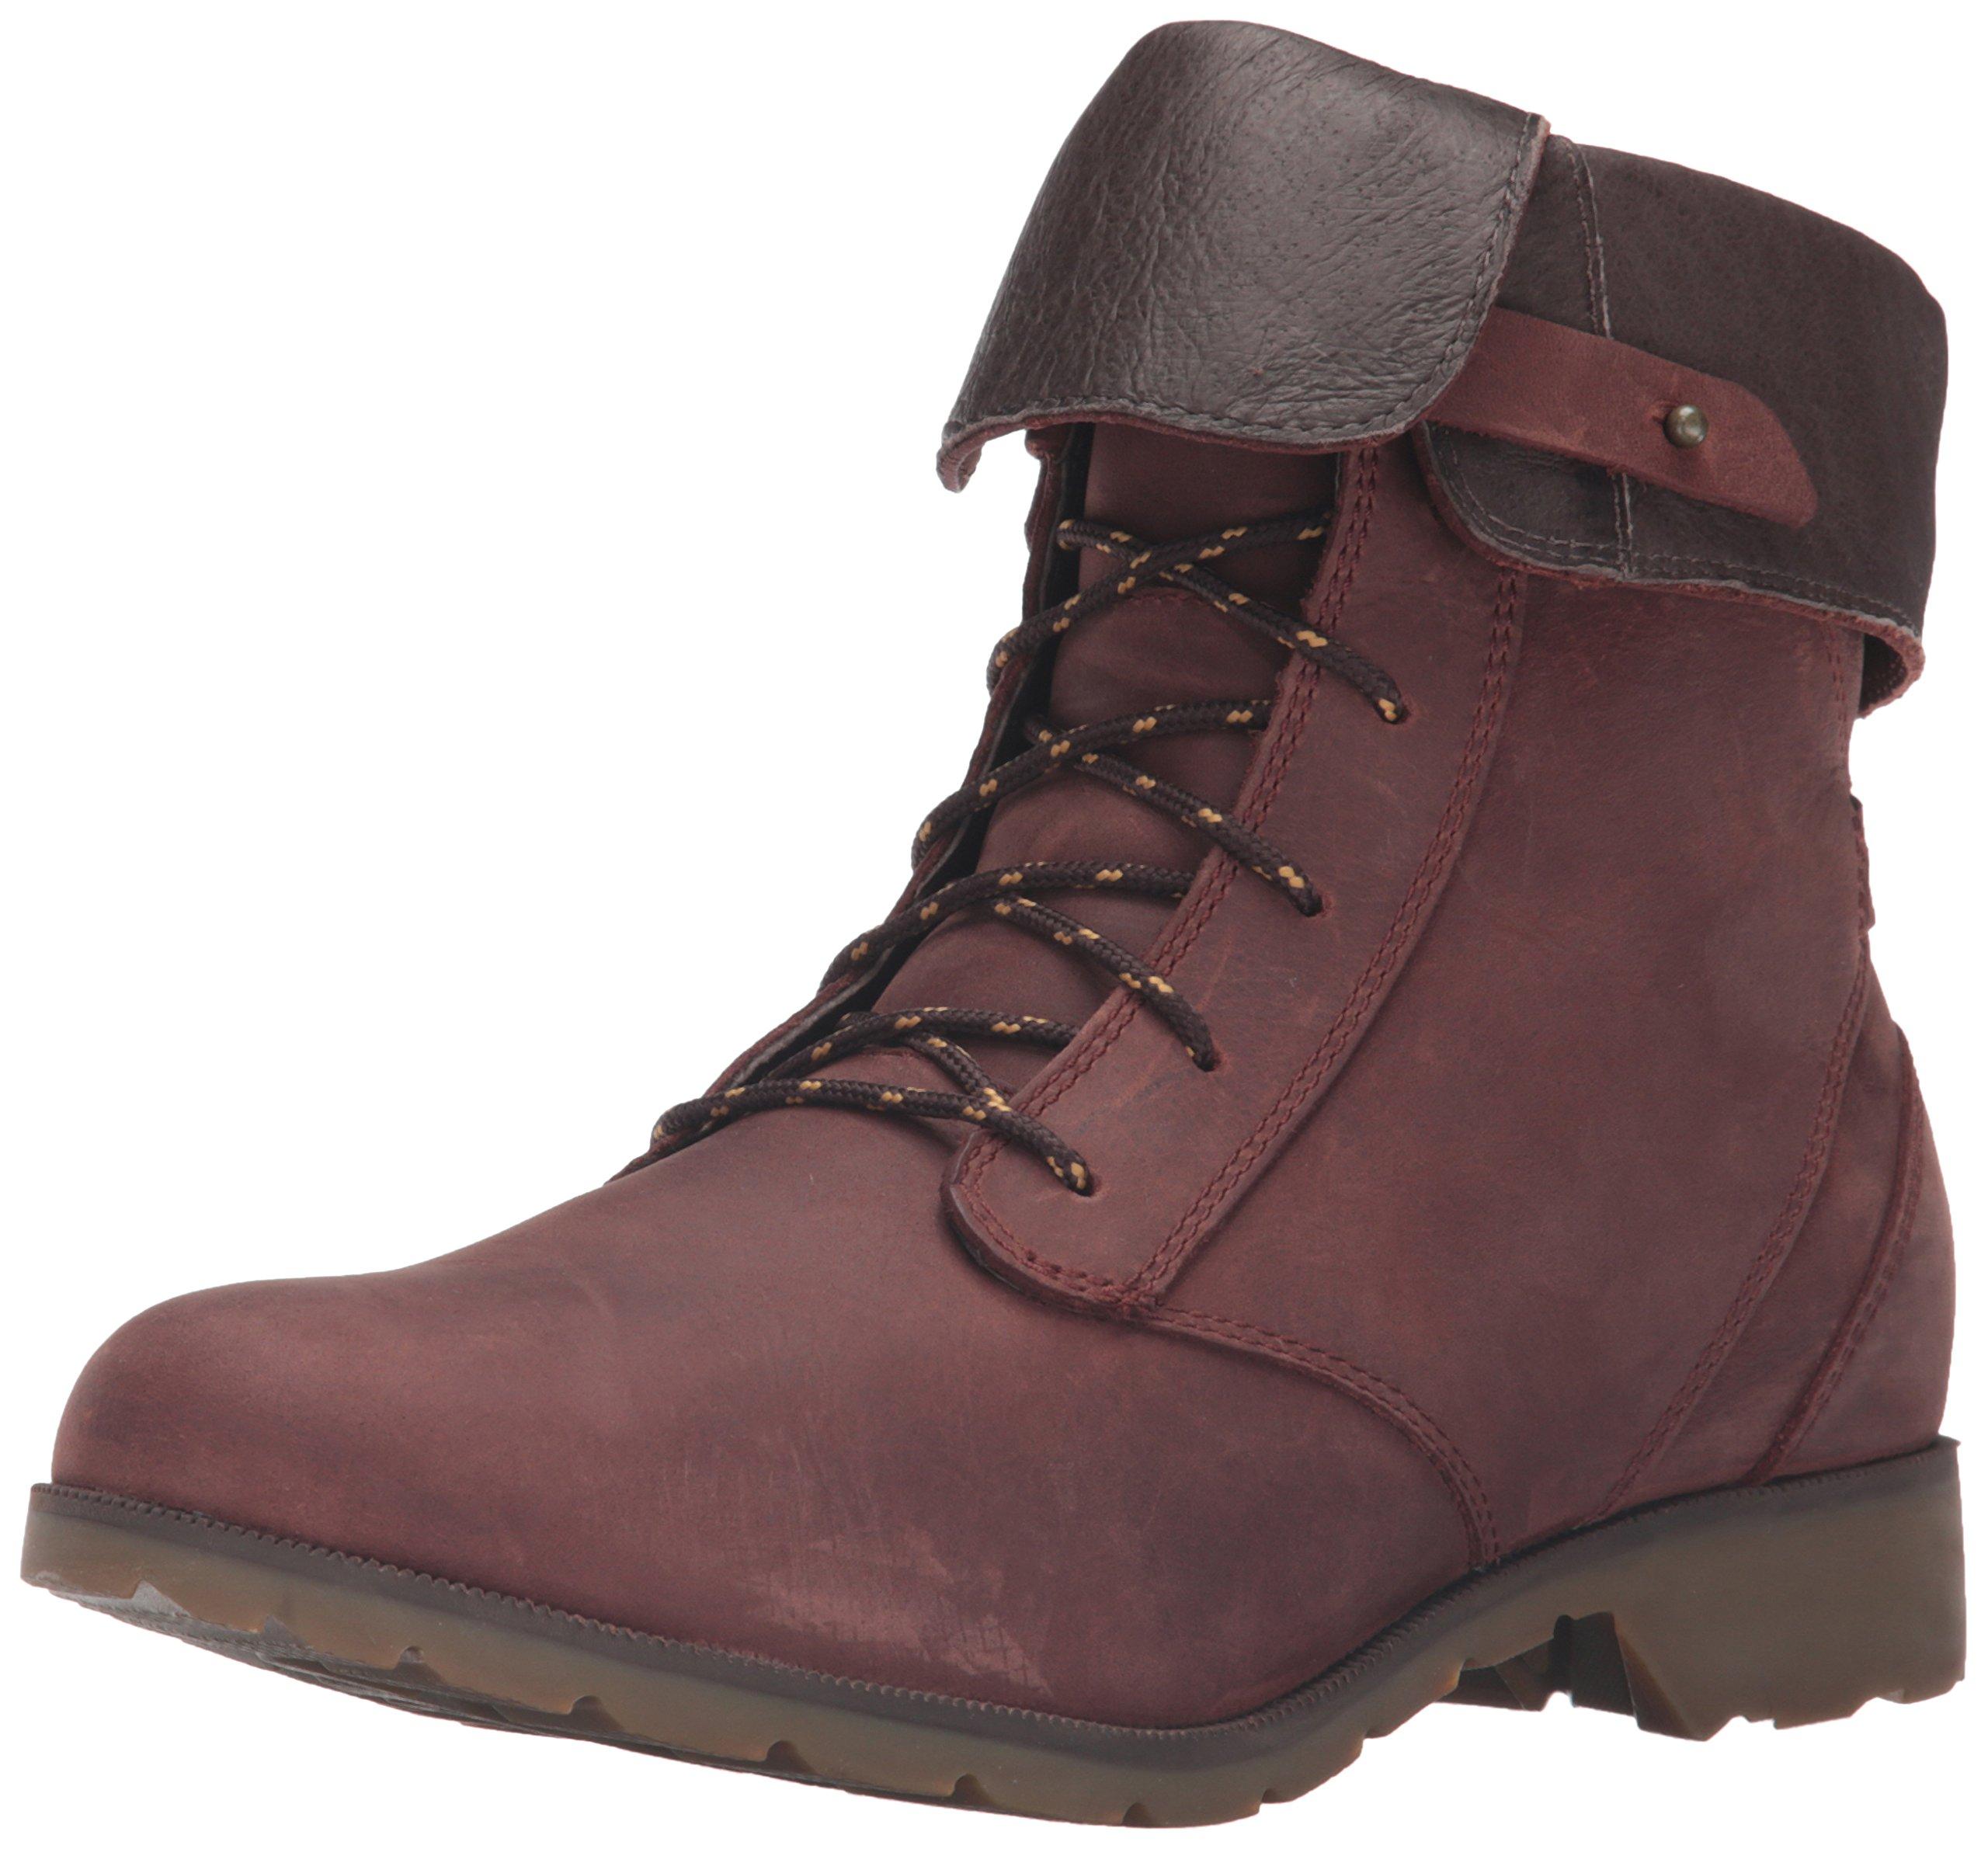 Teva Women's W Delavina Boot, Adobe Brown, 8.5 M US